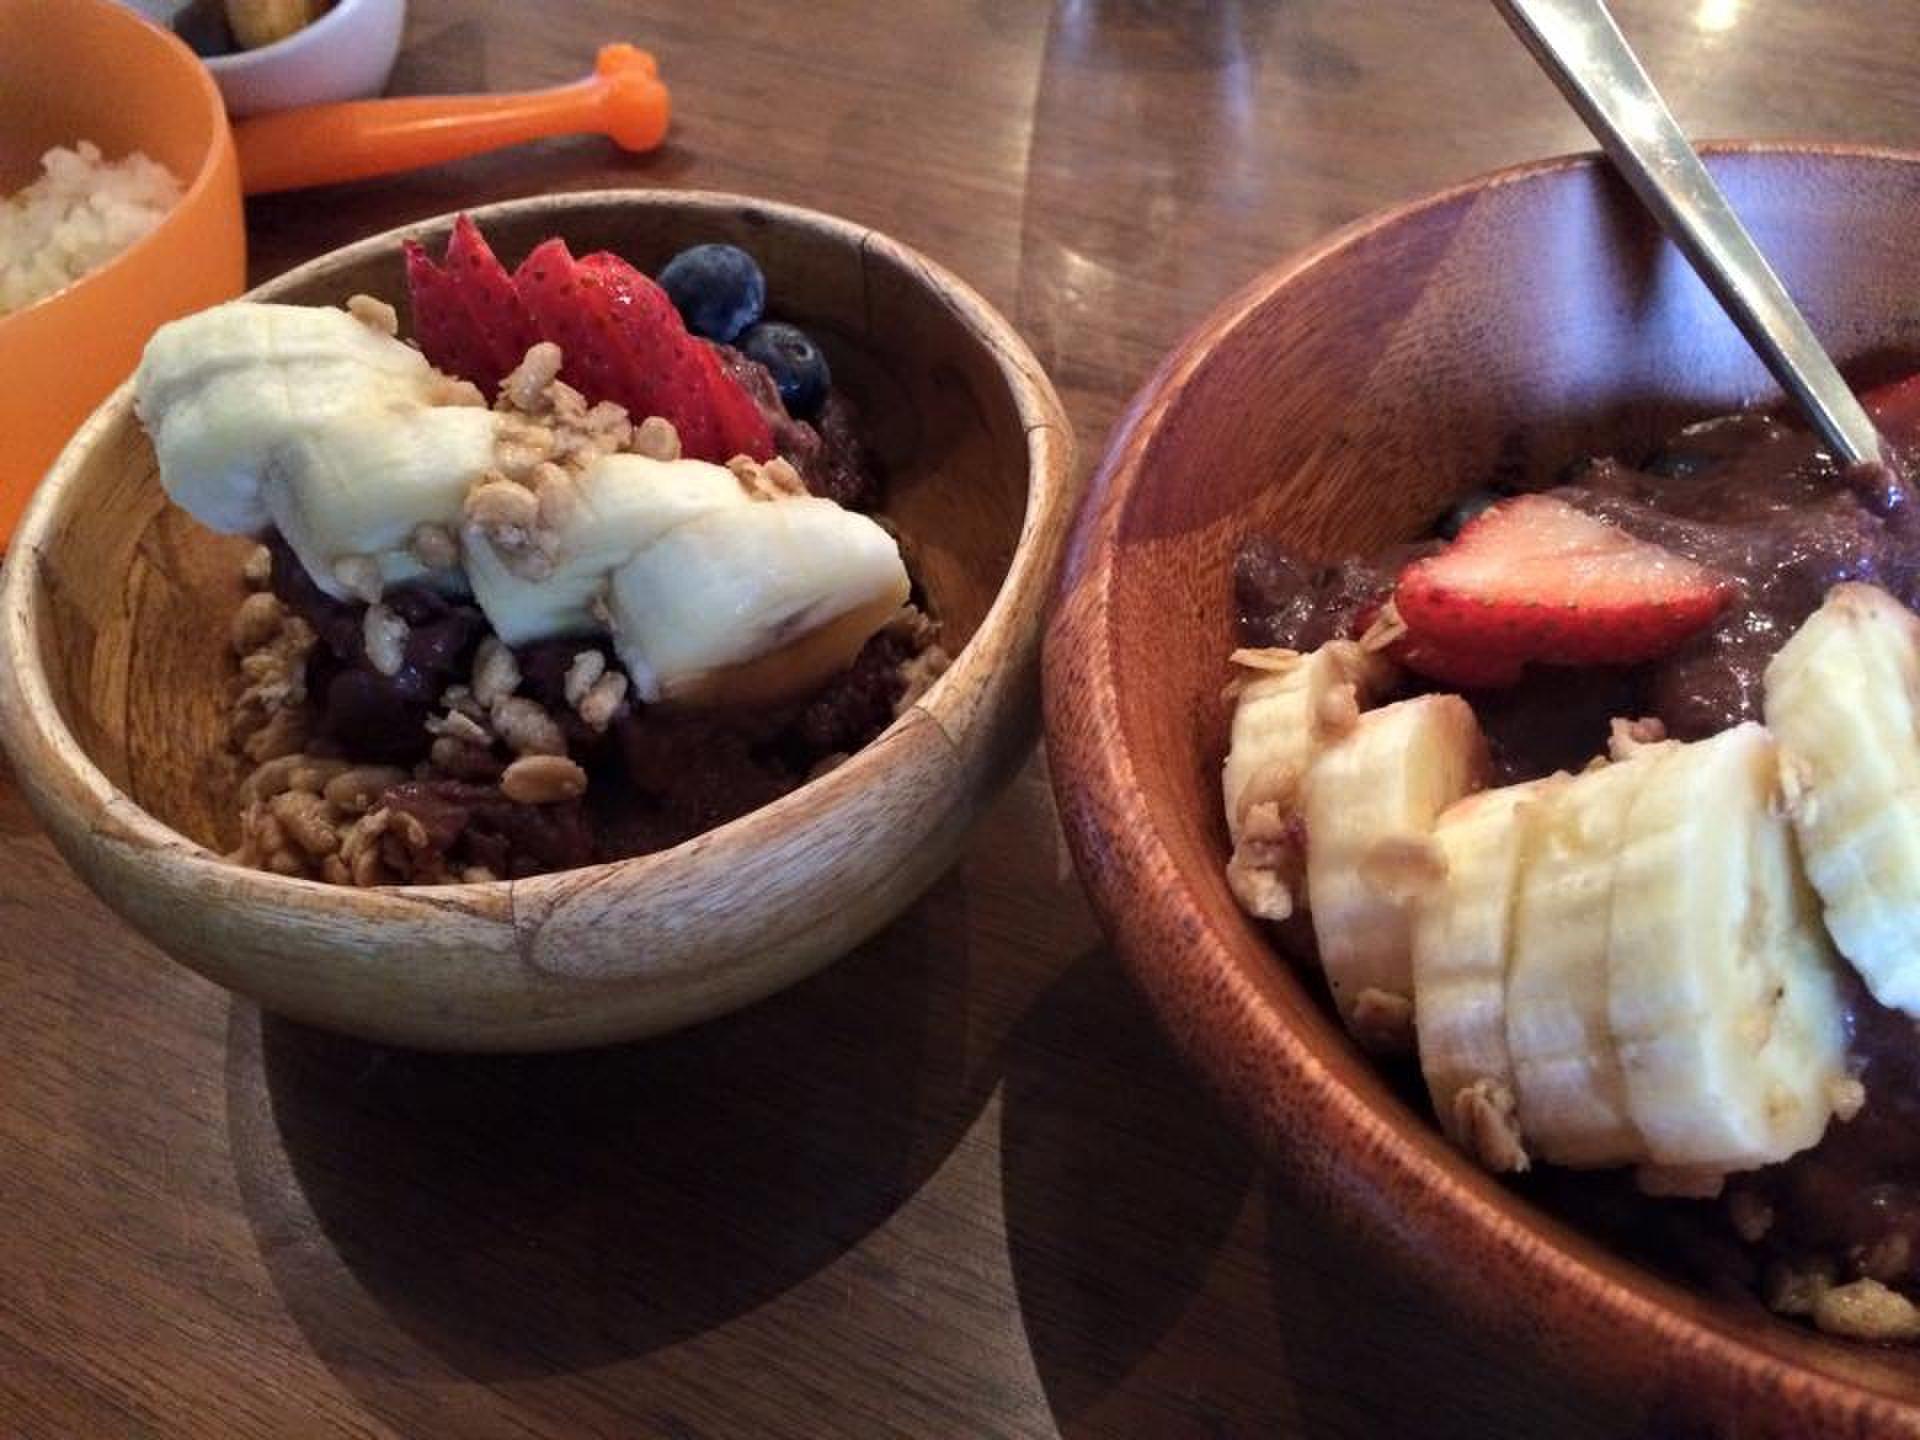 ボンダイカフェ【広尾のおすすめカフェ&レストラン】で南国料理を堪能。アサイーボウルあるよ。